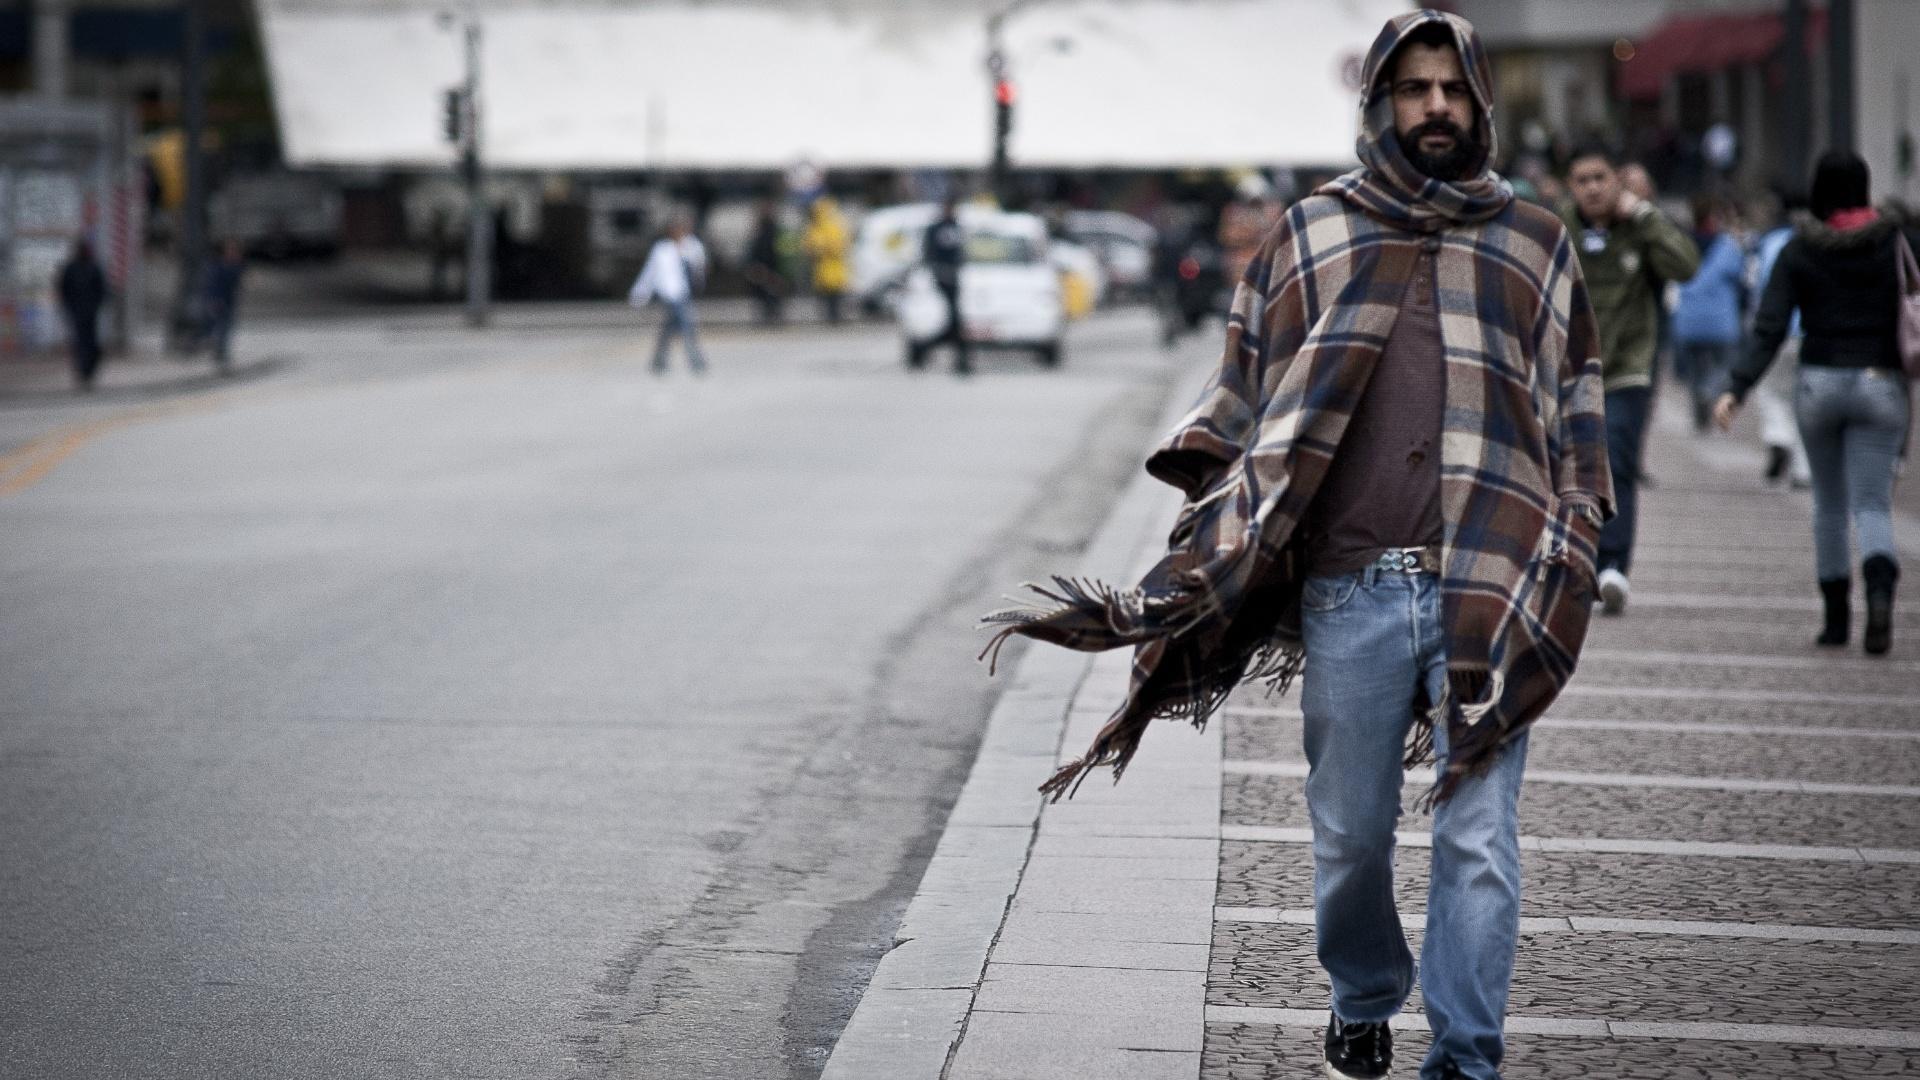 26.set.2012 - Homem se protege do frio em São Paulo, onde os termômetros chegaram a registrar 9°C. Com os ventos, a sensação térmica chegou a -0,5°C em pleno meio-dia